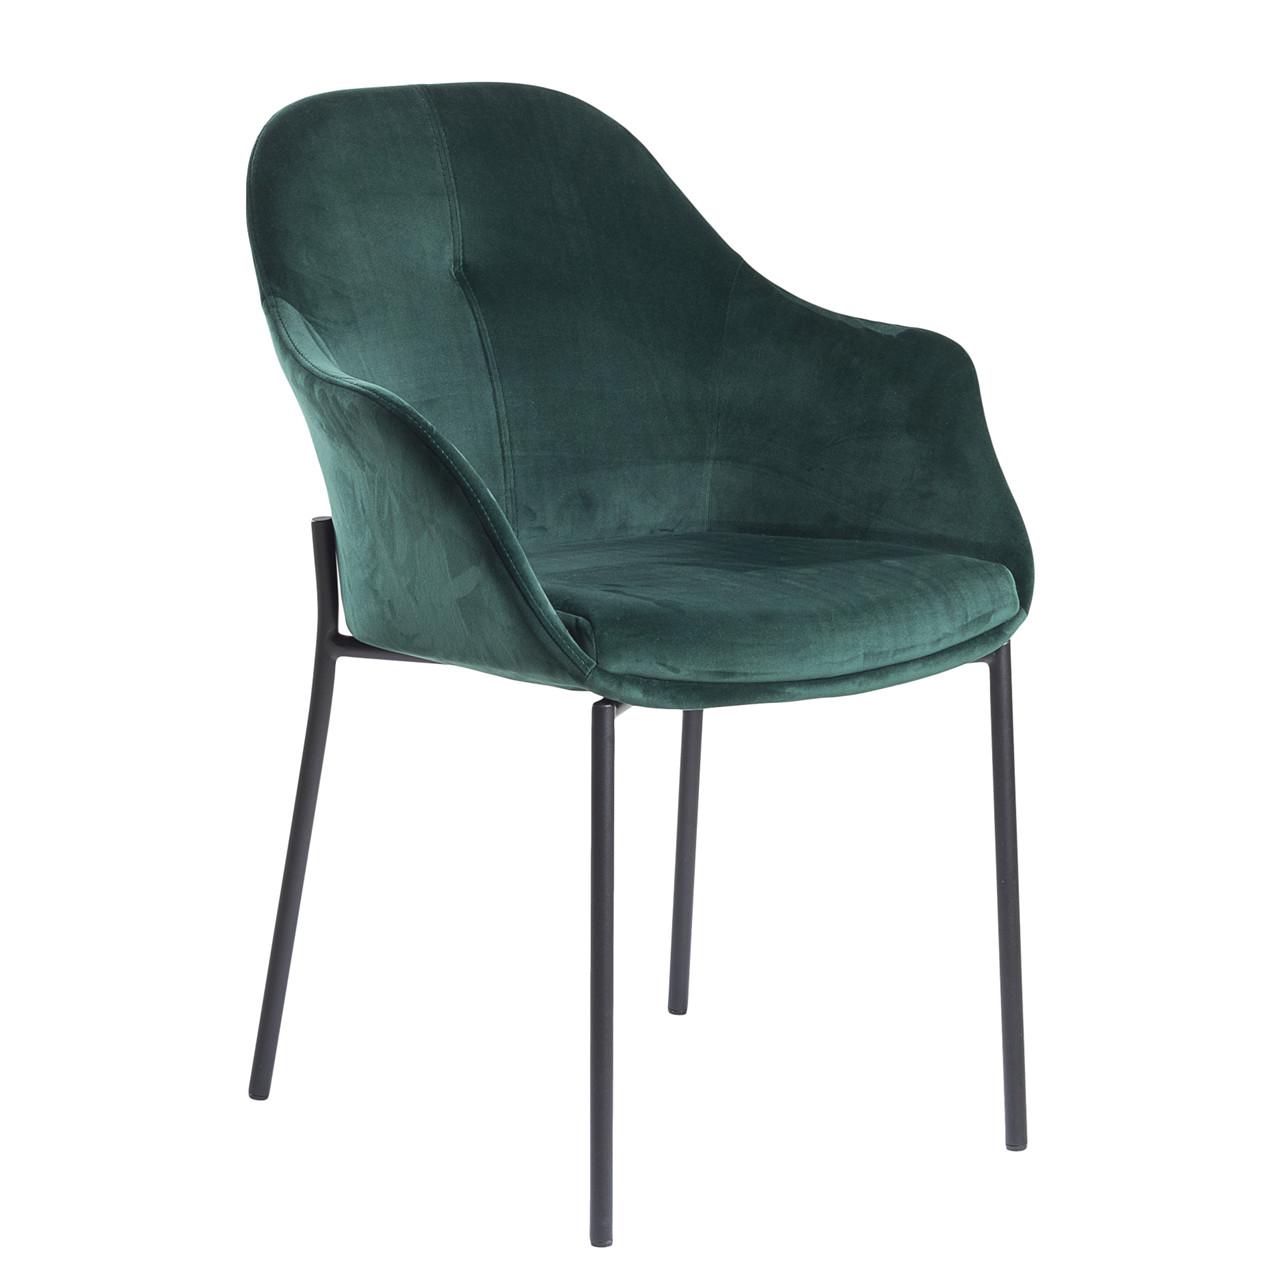 velour stol NEW AGE stol grøn velour velour stol